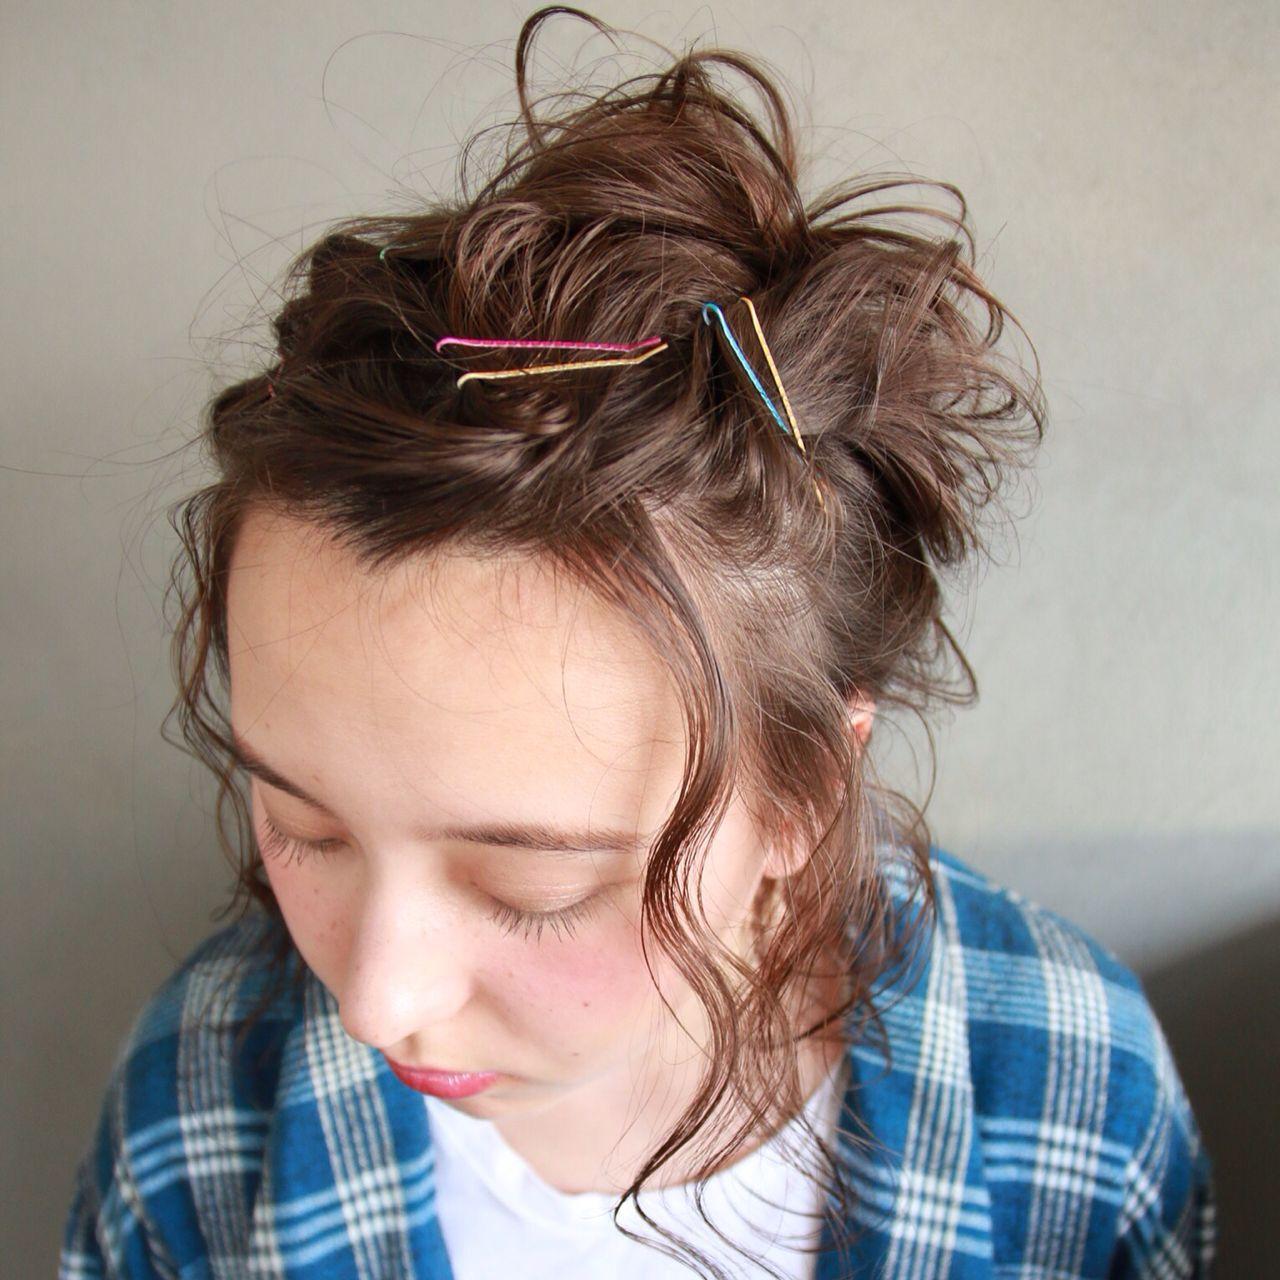 ヘアアレンジ ヘアピン ナチュラル 簡単ヘアアレンジヘアスタイルや髪型の写真・画像